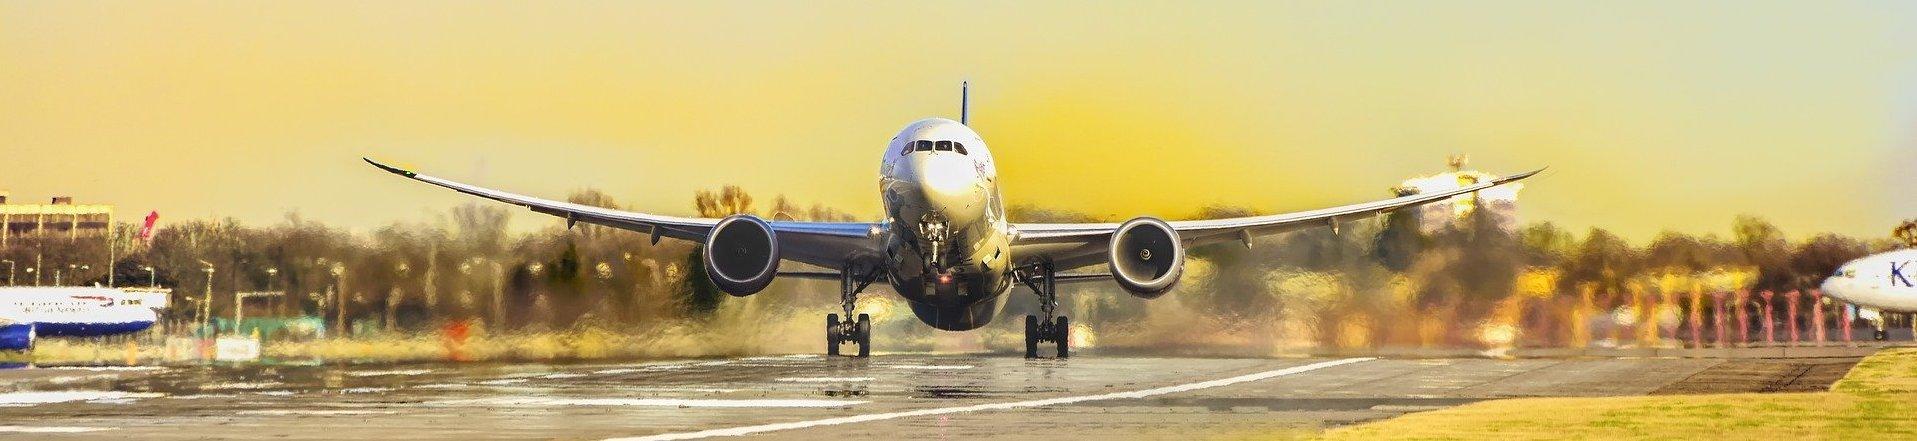 Affrètement d'une navette régulière en avion privé